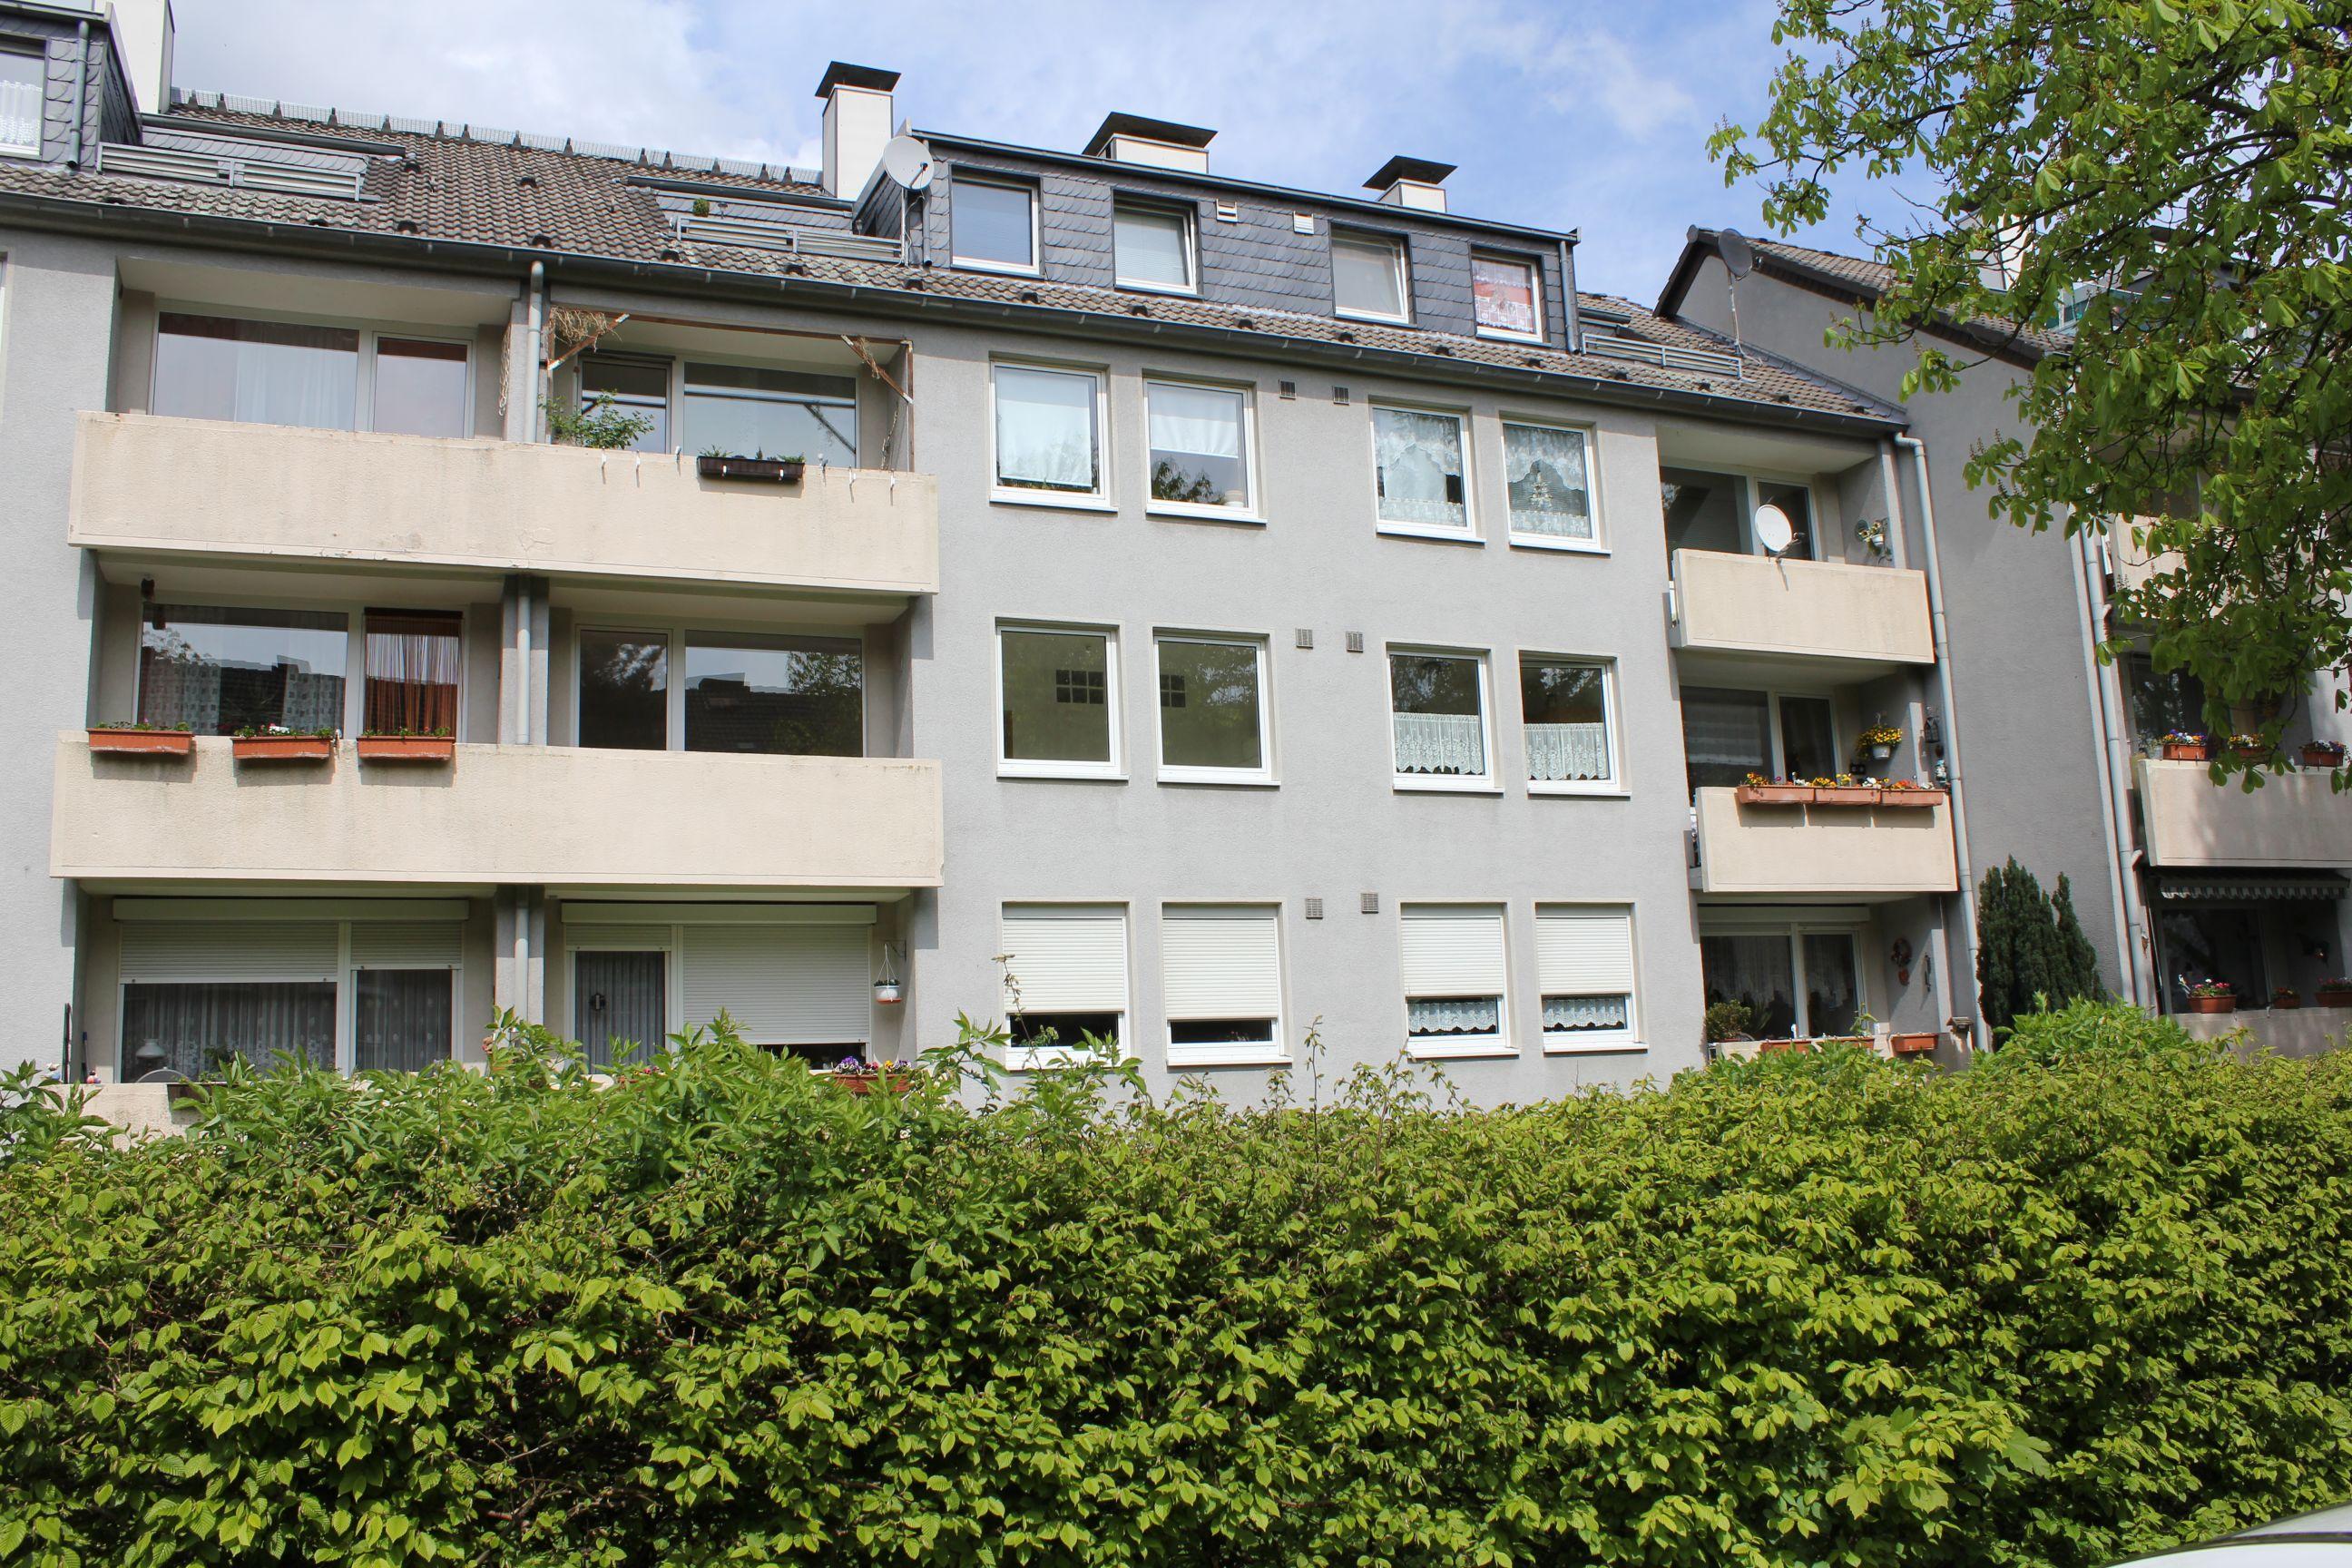 Mehrfamilienhaus Wohnportfolio in Neukirchen-Vluyn